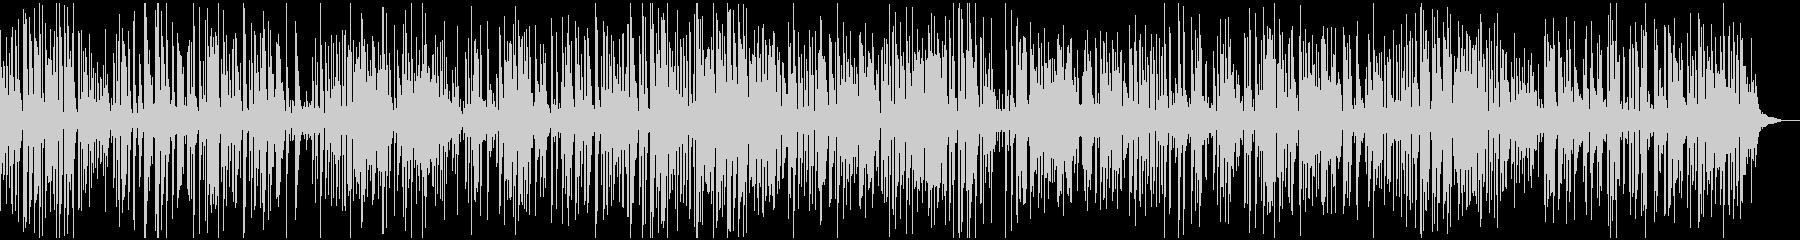 ソフトで大人なラウンジジャズピアノトリオの未再生の波形